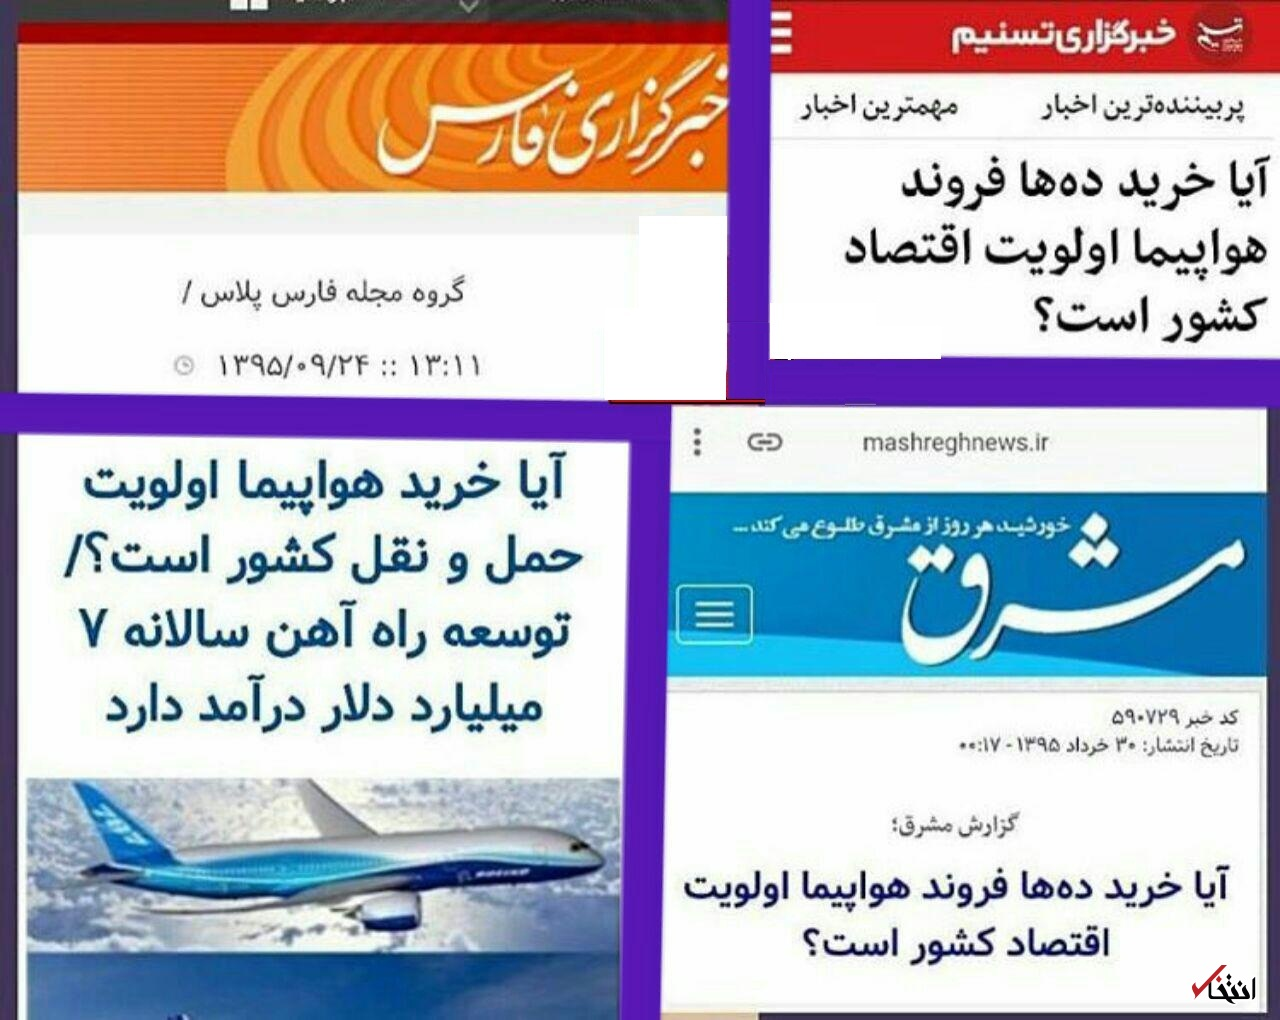 چرخش 180 درجه ای مواضع تندروها پس از سقوط هواپیمای فرسوده تهران – یاسوج / دو سال پیش: خرید هواپیما اولویت کشور نیست / امروز: دولت باید پاسخ دهد که چرا ناوگان هوایی را نوسازی نکرده؟!